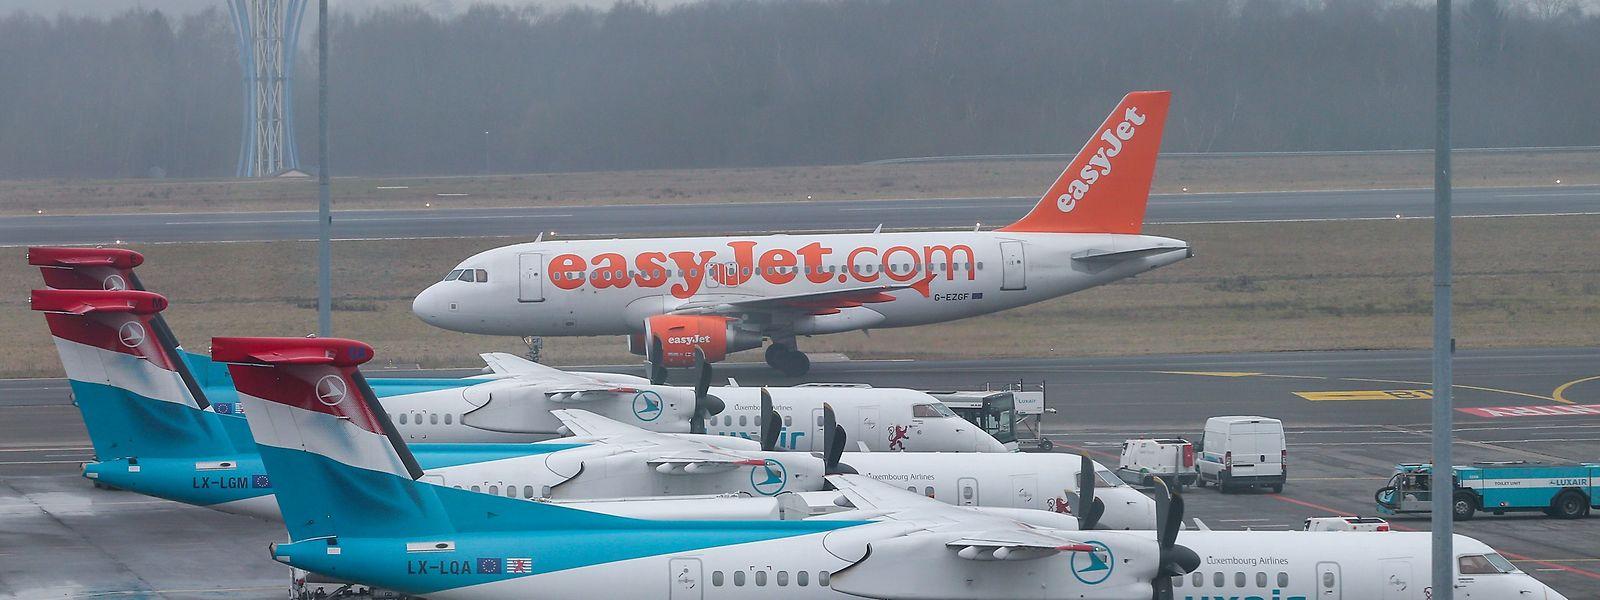 Bislang fliegt vom Findel aus nur die Luxair direkt nach Berlin.